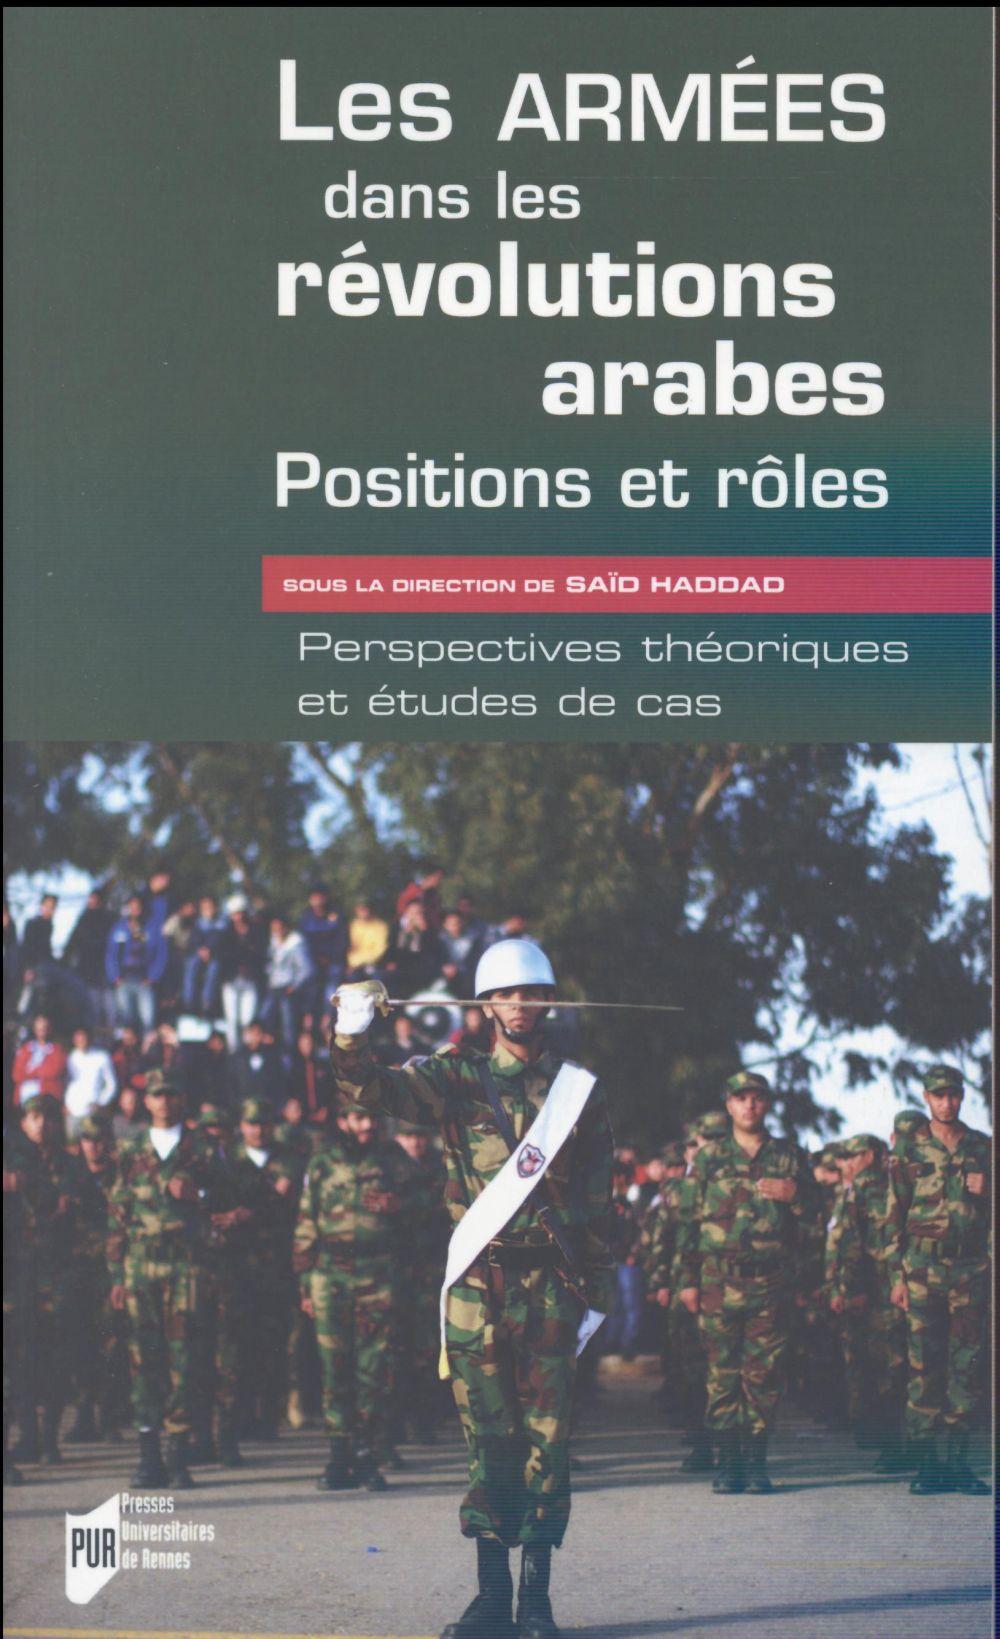 Les Armees Dans Les Revolutions Arabes : Positions Et Roles ; Perspectives Theoriques Et Etudes De Cas